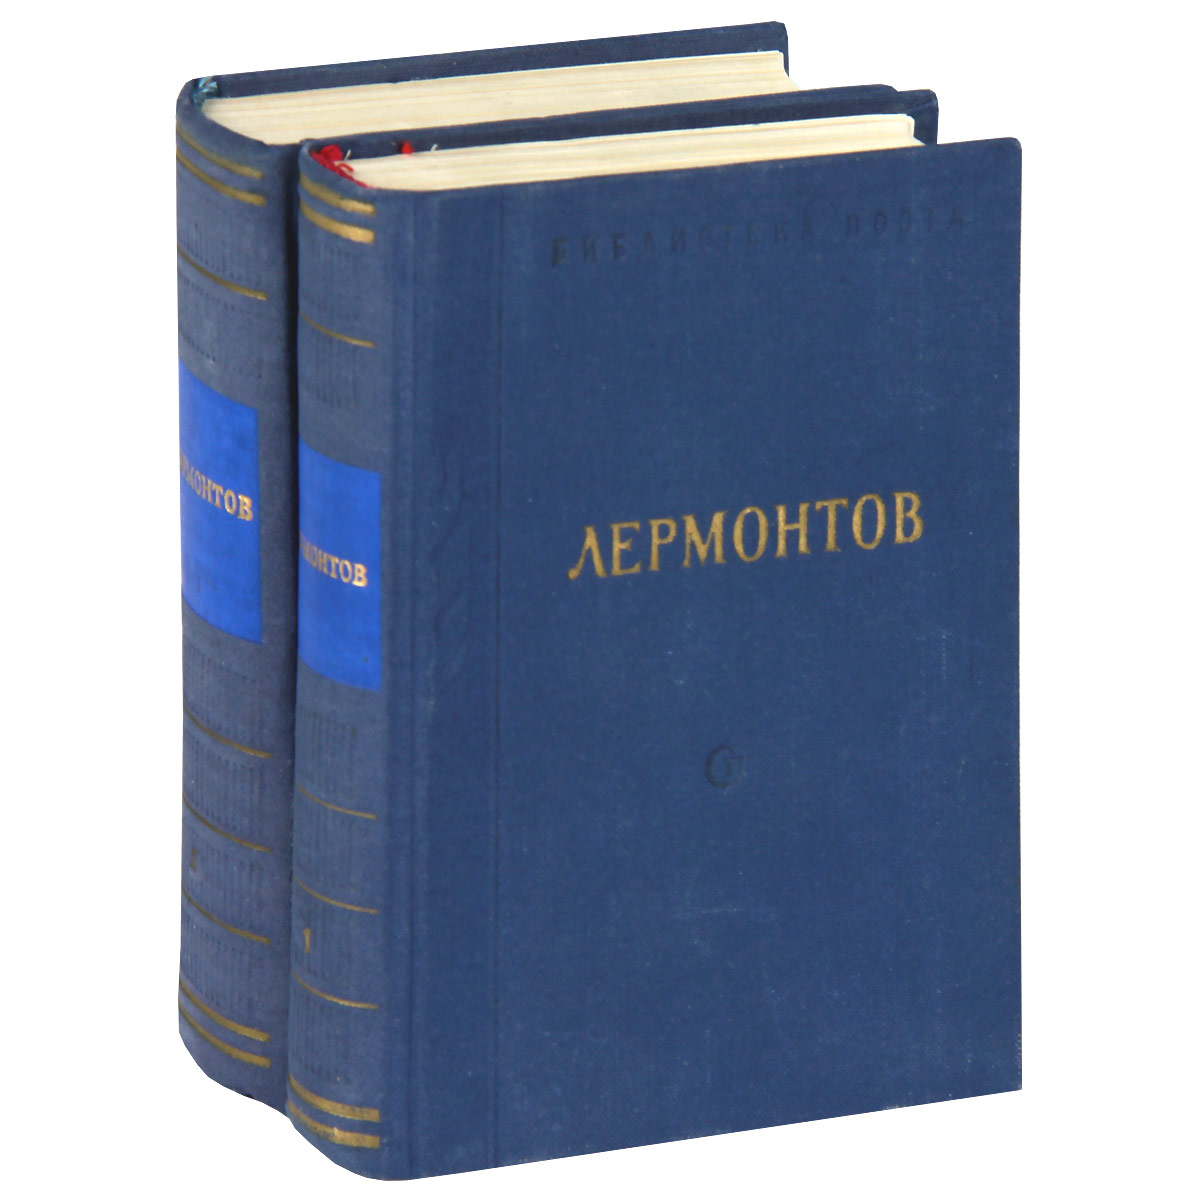 М. Ю. Лермонтов. Избранные произведения в 2 томах (комплект из 2 книг) михаил булгаков избранные произведения комплект из 2 книг